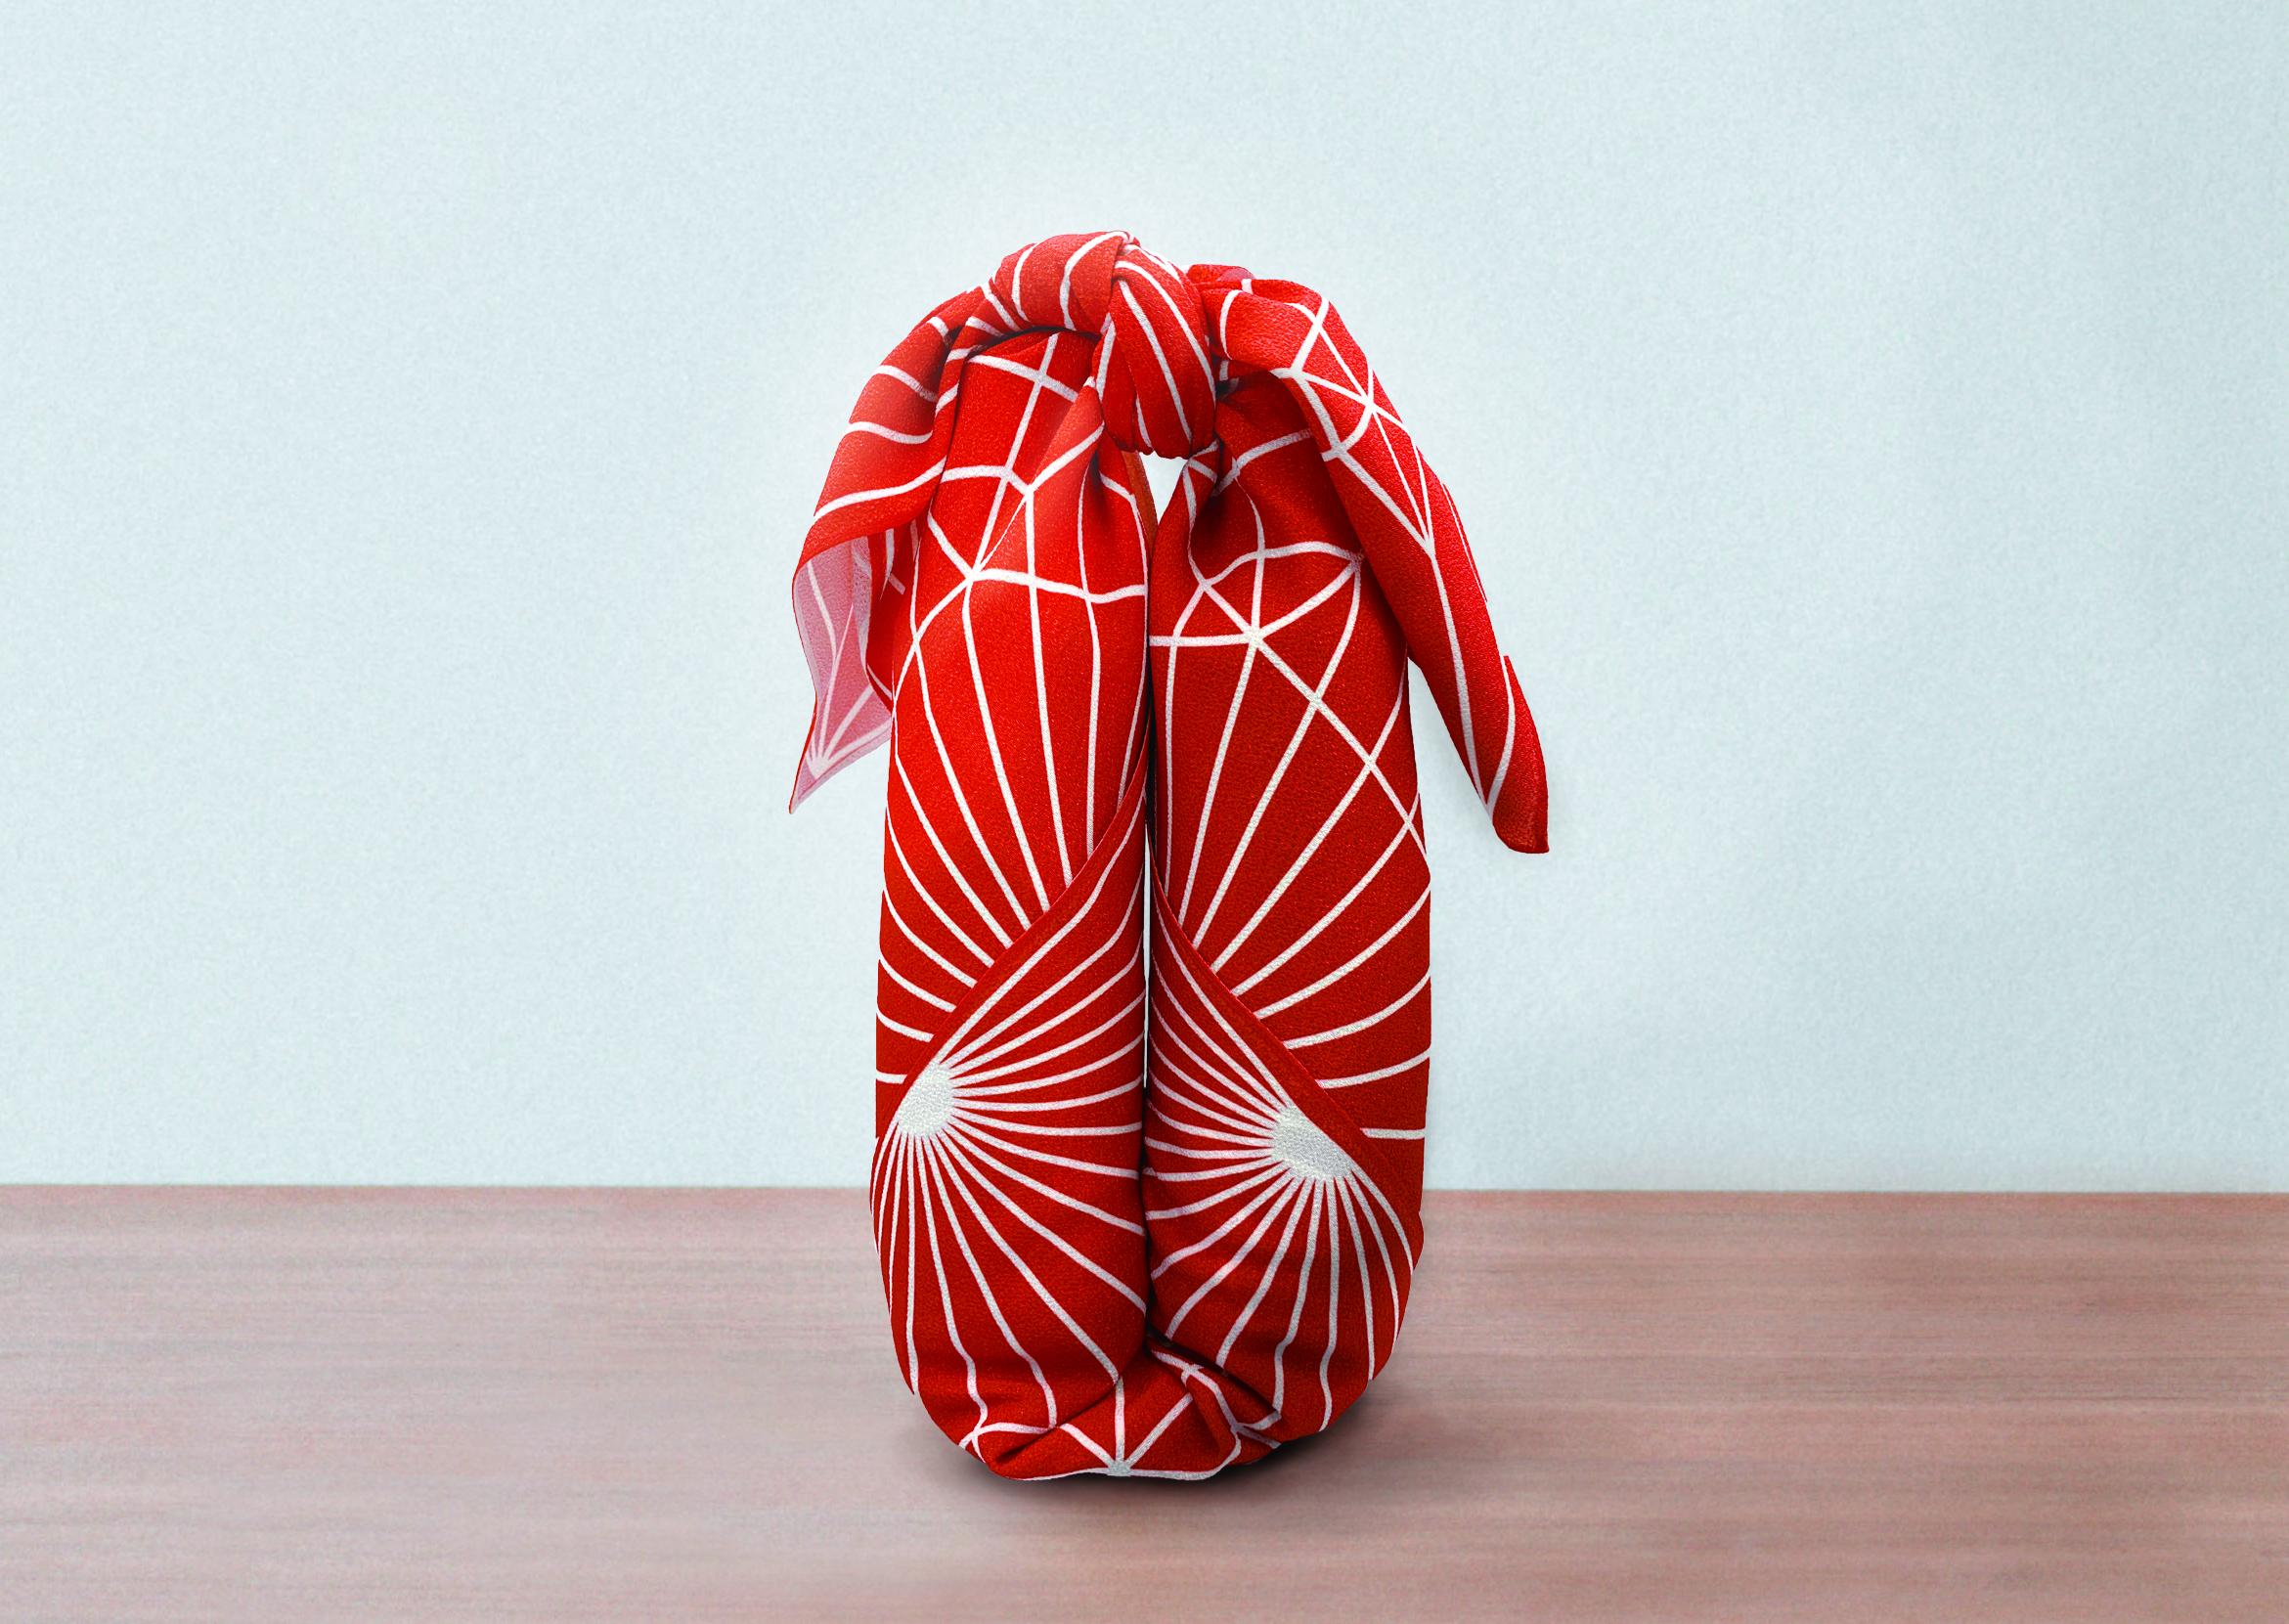 テキスタイルデザイン「Re:TSURU」が京都デザイン賞に入選しました